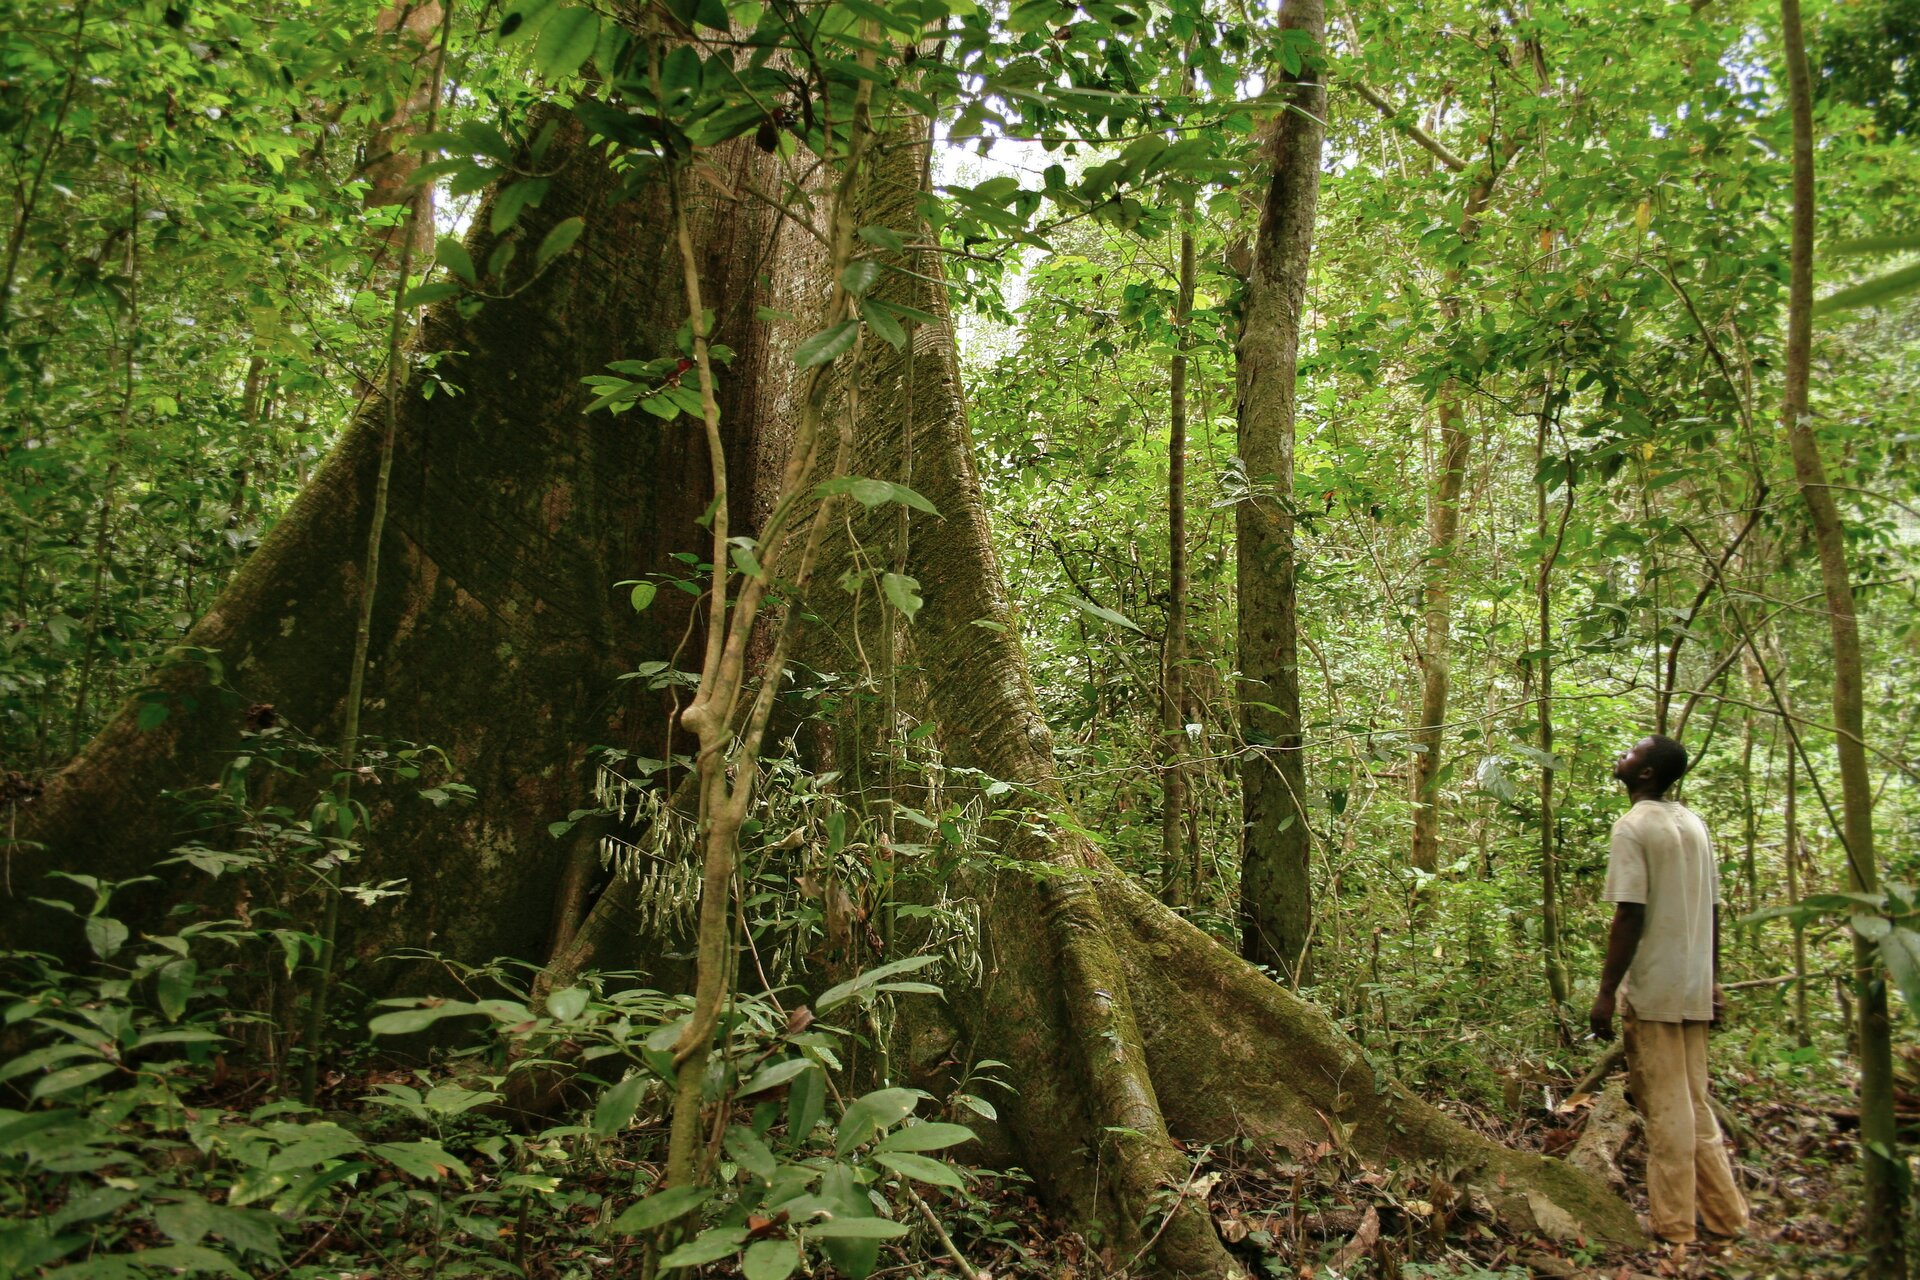 Fotografia przedstawia wnętrze lasu równikowego. Rośnie tu wiele drzew ocienkich pniach ijasnozielonych liściach. Na ziemi ipo pniach wiją się pędy bluszczu. Wcentrum szeroko rozłożona, trójkątna podstawa pnia potężnego puchowca pięciopręcikowego. Obok wielkiego pnia stoi człowiek wbrązowym stroju ikapeluszu. Kobieta jest mniejsza niż jedna ze szczelin wpniu puchowca.